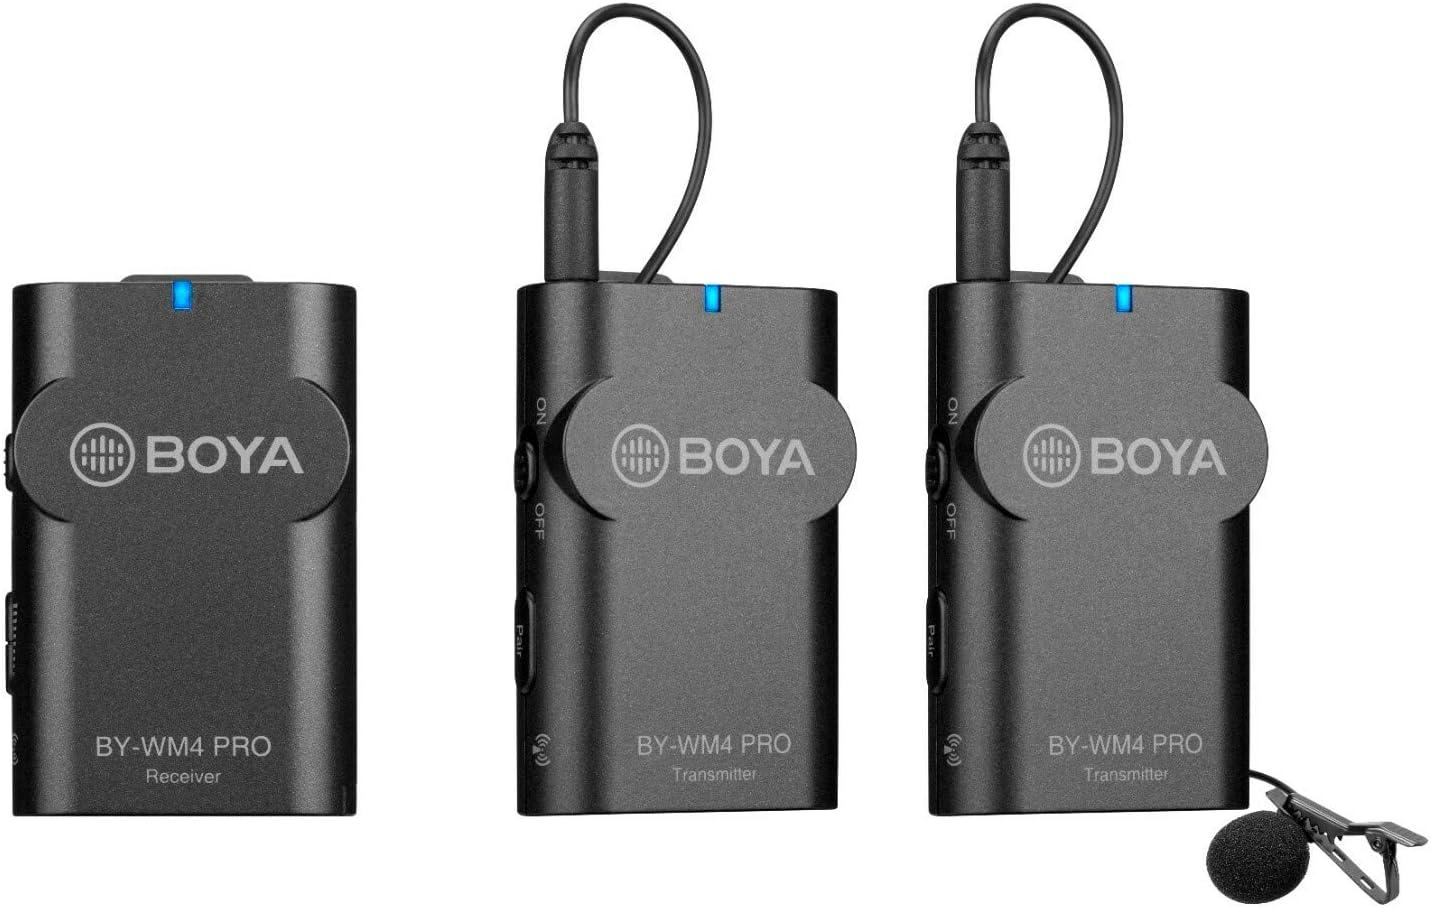 Boya 2 4 Ghz Duo Lavalier Mikrofon Drahtlos By Wm4 Pro K2